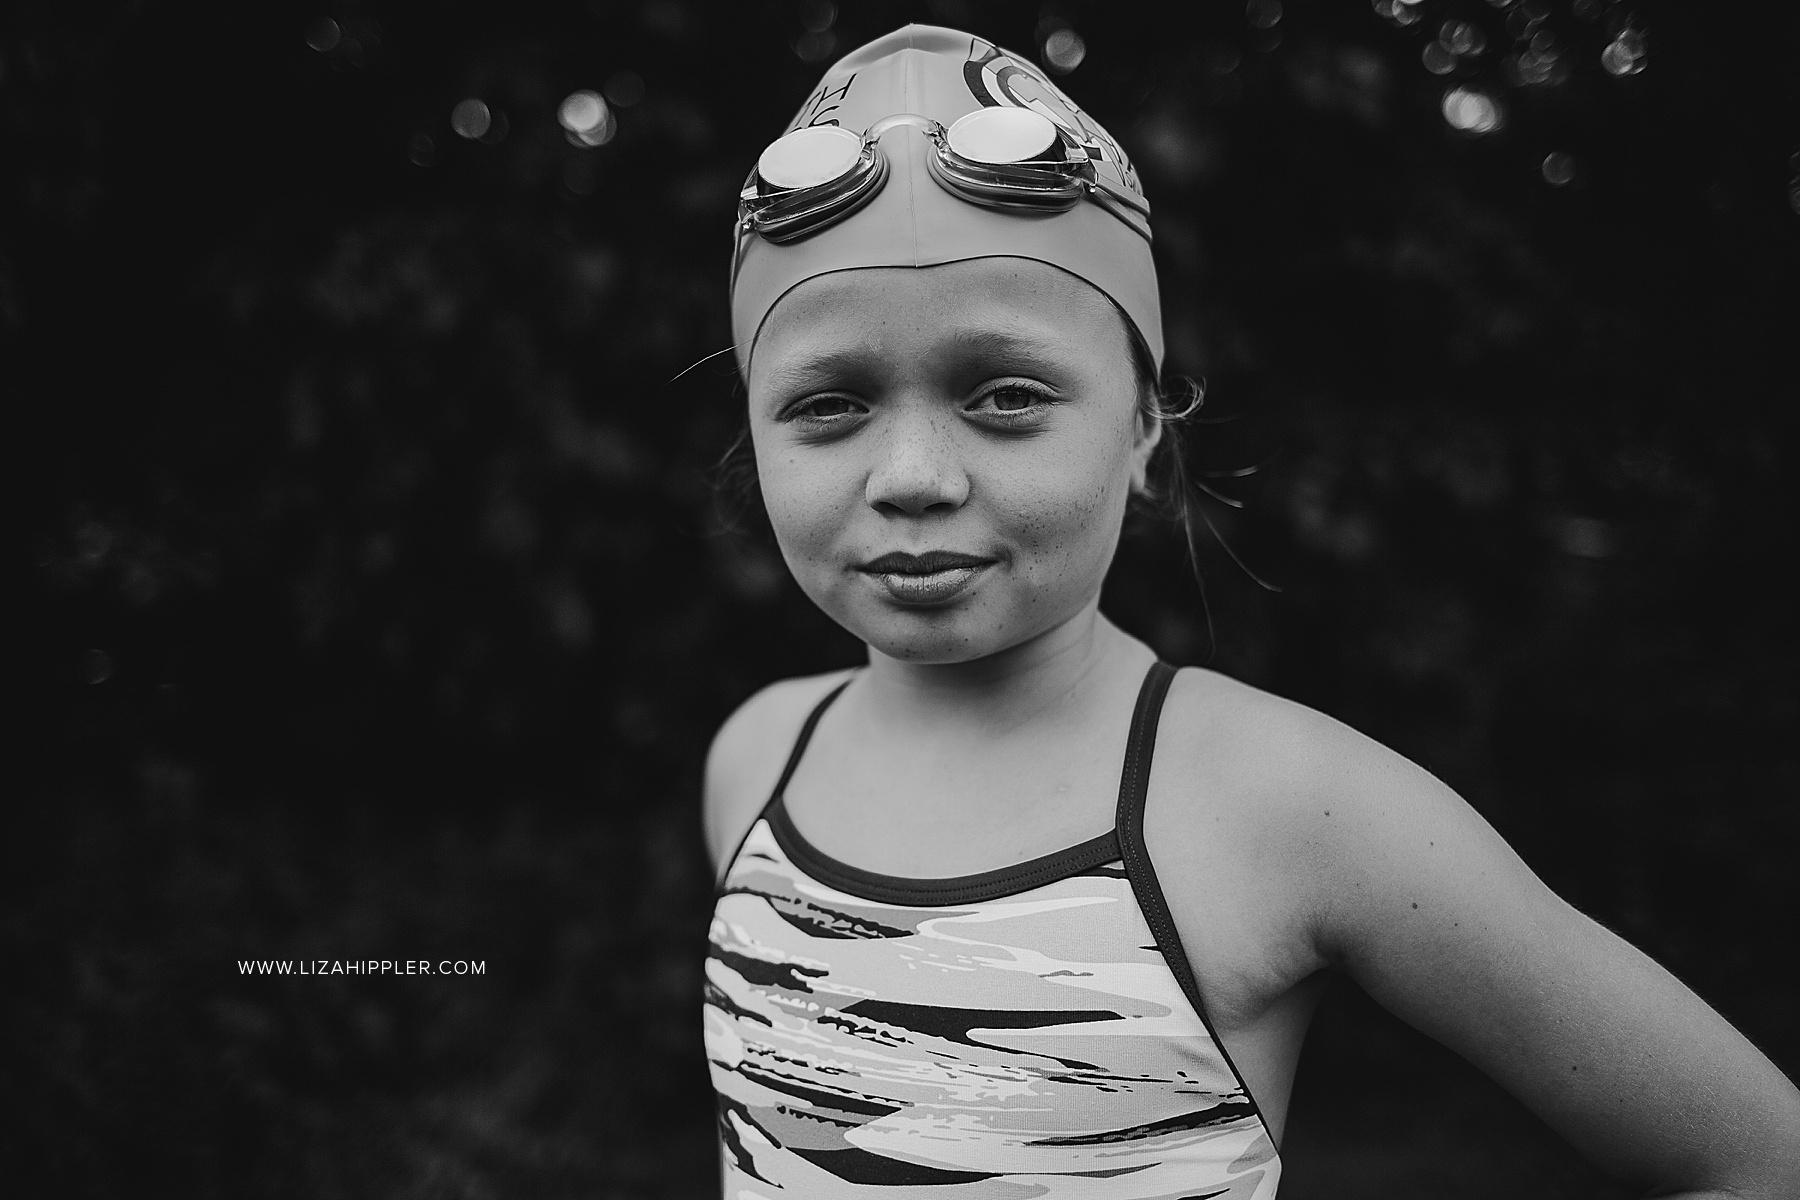 girl in swim cap